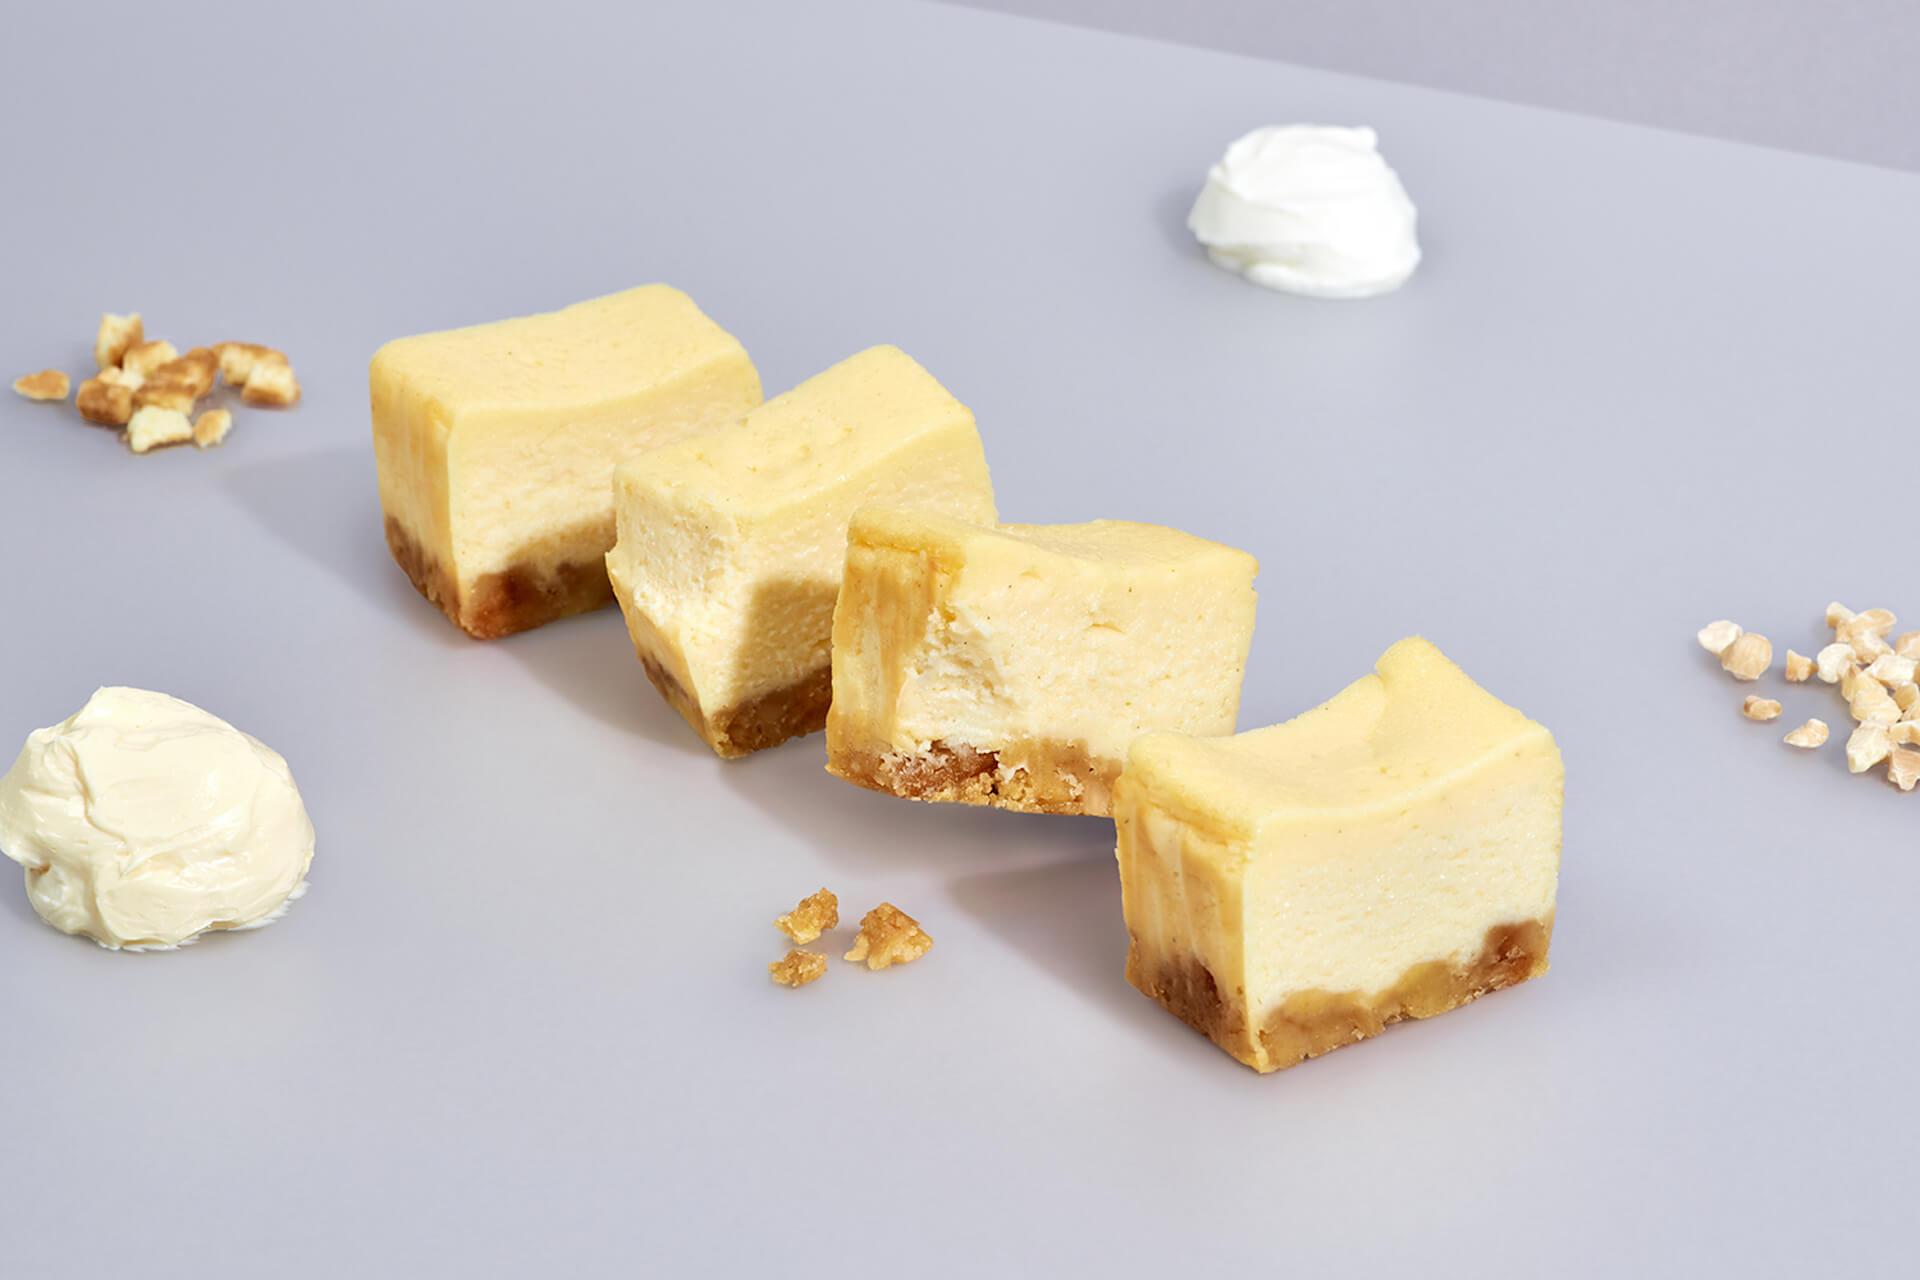 「チーズころん by BAKE CHEESE TART」のグランドオープン記念で新商品「ころんとチーズプリン」が発売決定!限定セットBOXも gourmet210628_bake_cheese_4